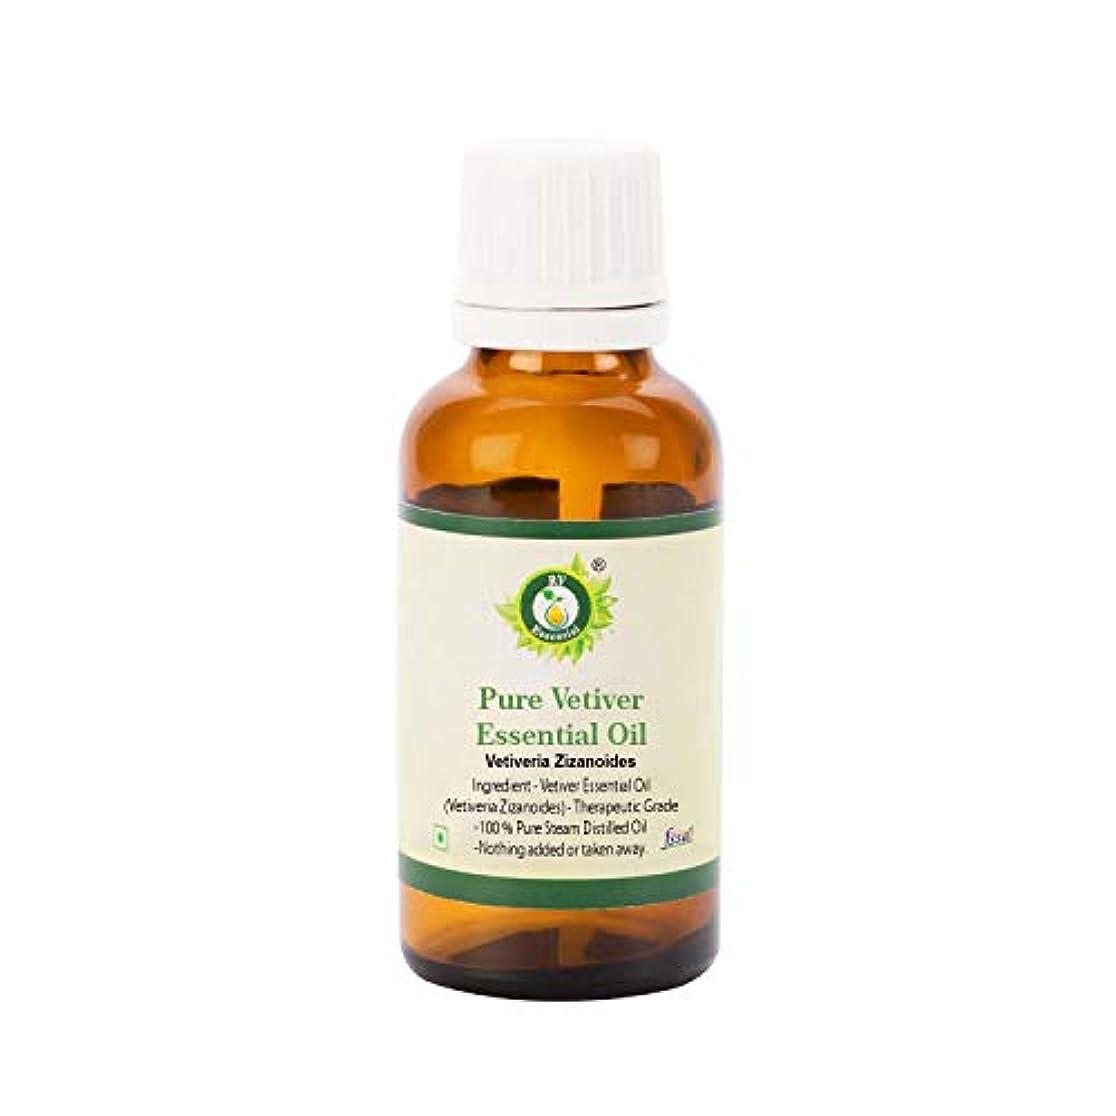 アイデア皮デクリメントR V Essential ピュアVetiverエッセンシャルオイル10ml (0.338oz)- Vetiveria Zizanoides (100%純粋&天然スチームDistilled) Pure Vetiver Essential...